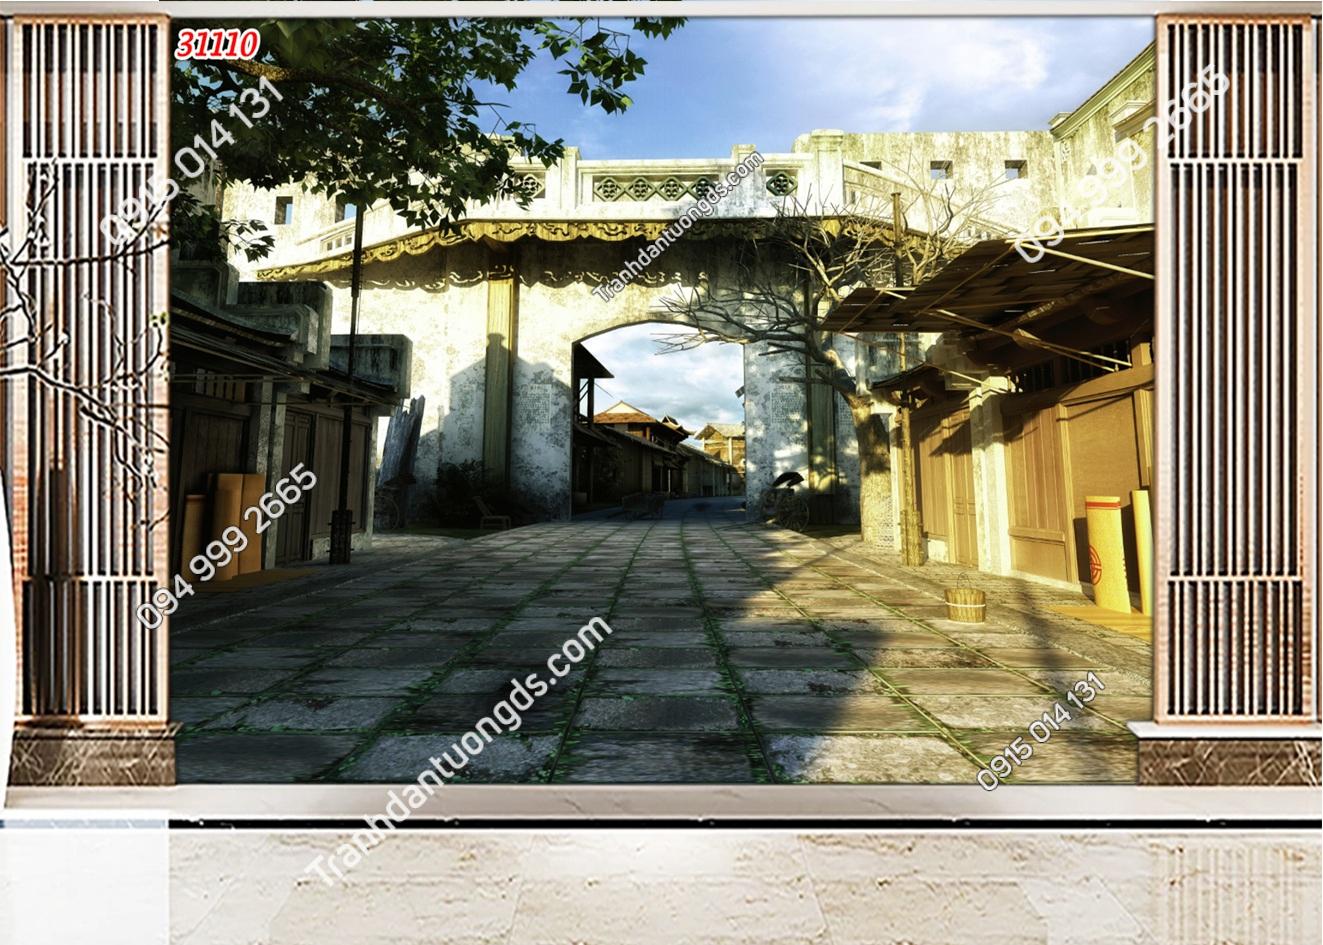 Tranh dán tường phố cổ Hà Nội xưa 31110